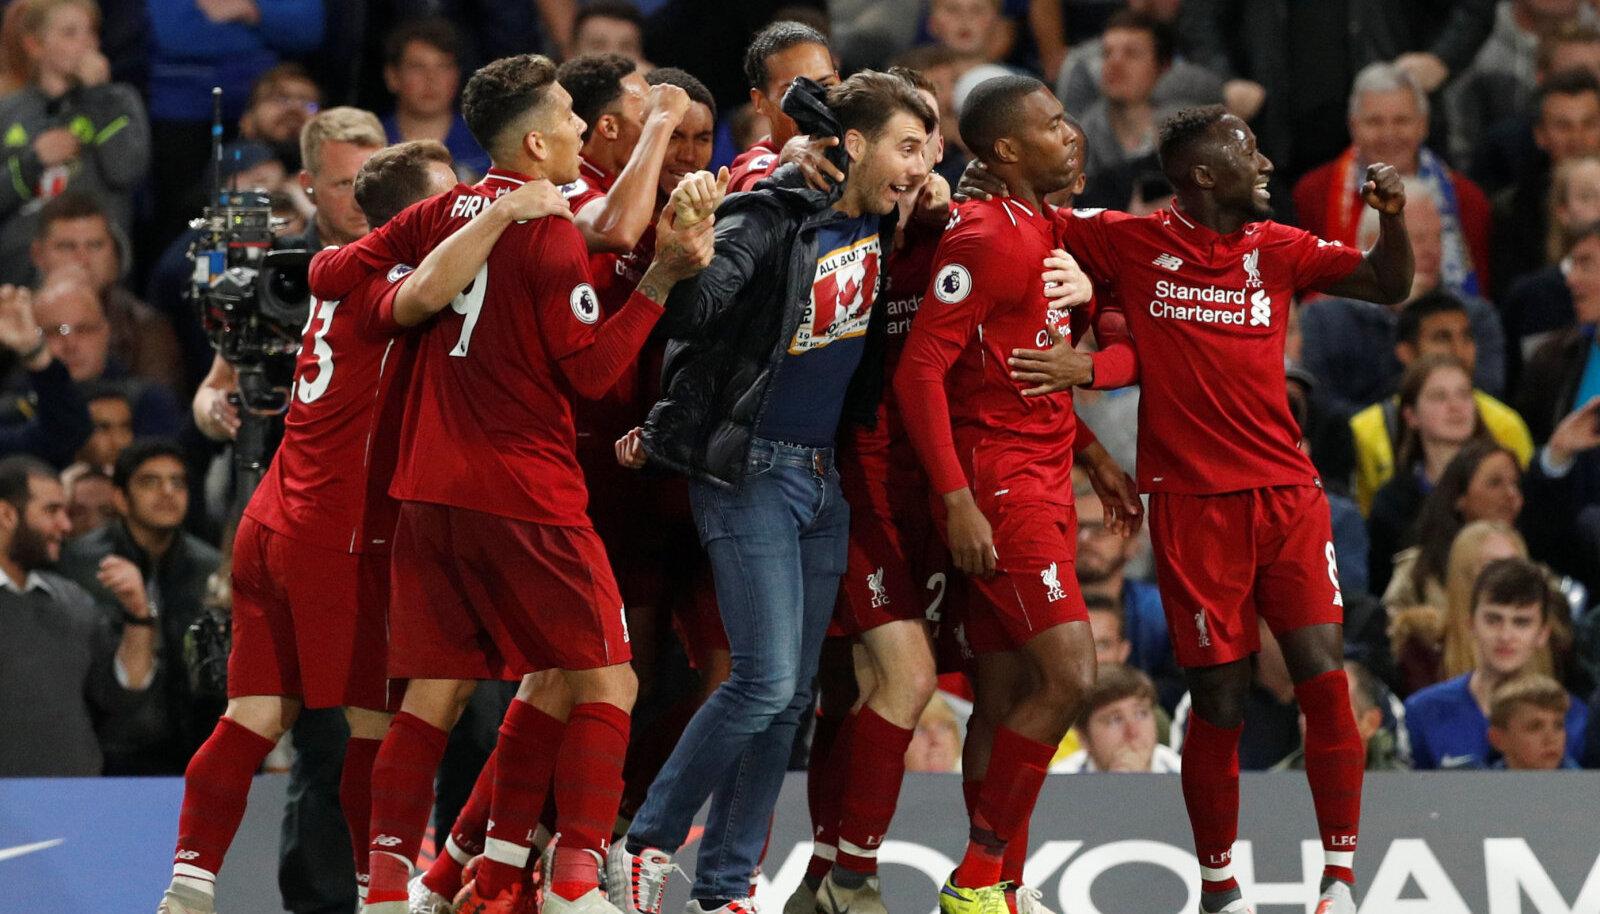 Liverpooli mängijad koos väljakule jooksnud fänniga viigiväravat tähistamas.